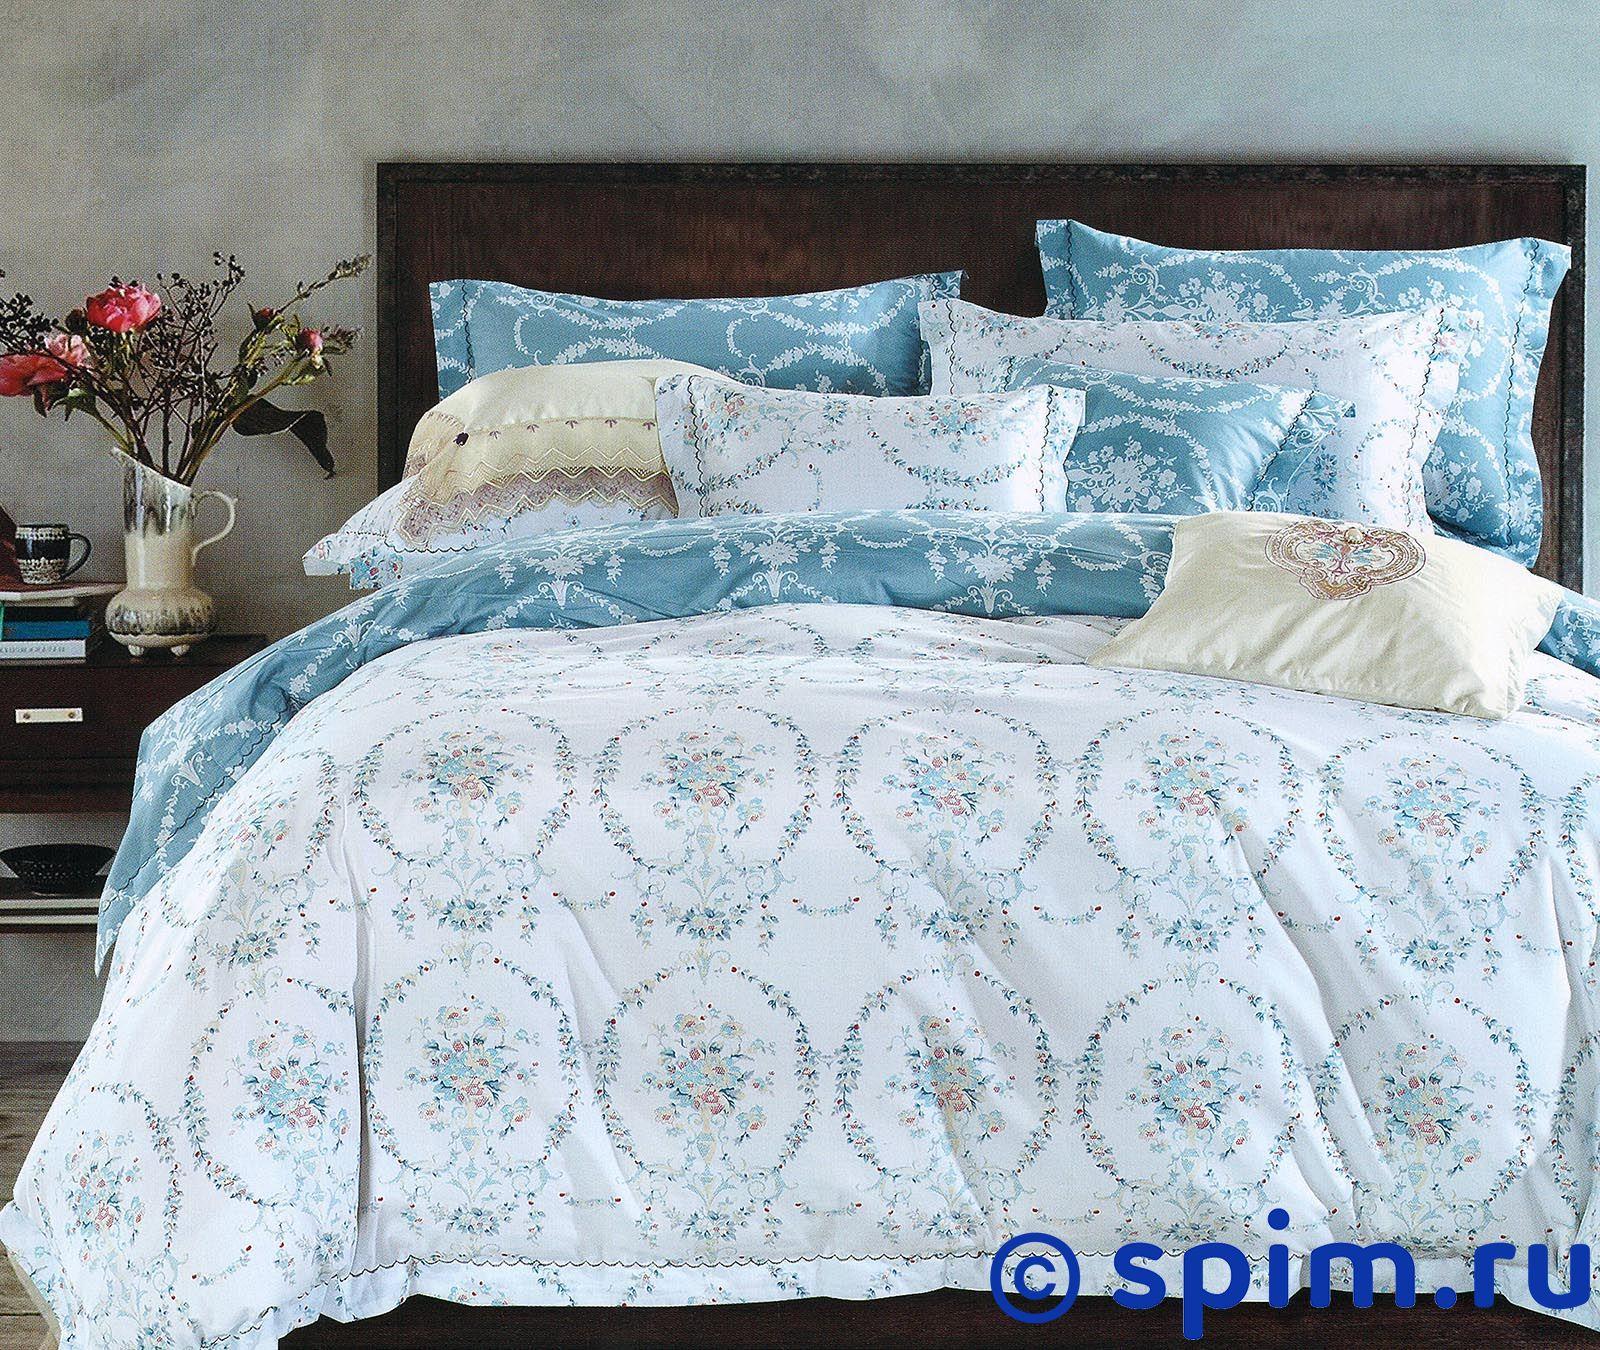 Постельное белье Sofi De Marko Флор, голубой Семейное постельное белье sofi de marko давинчи семейное